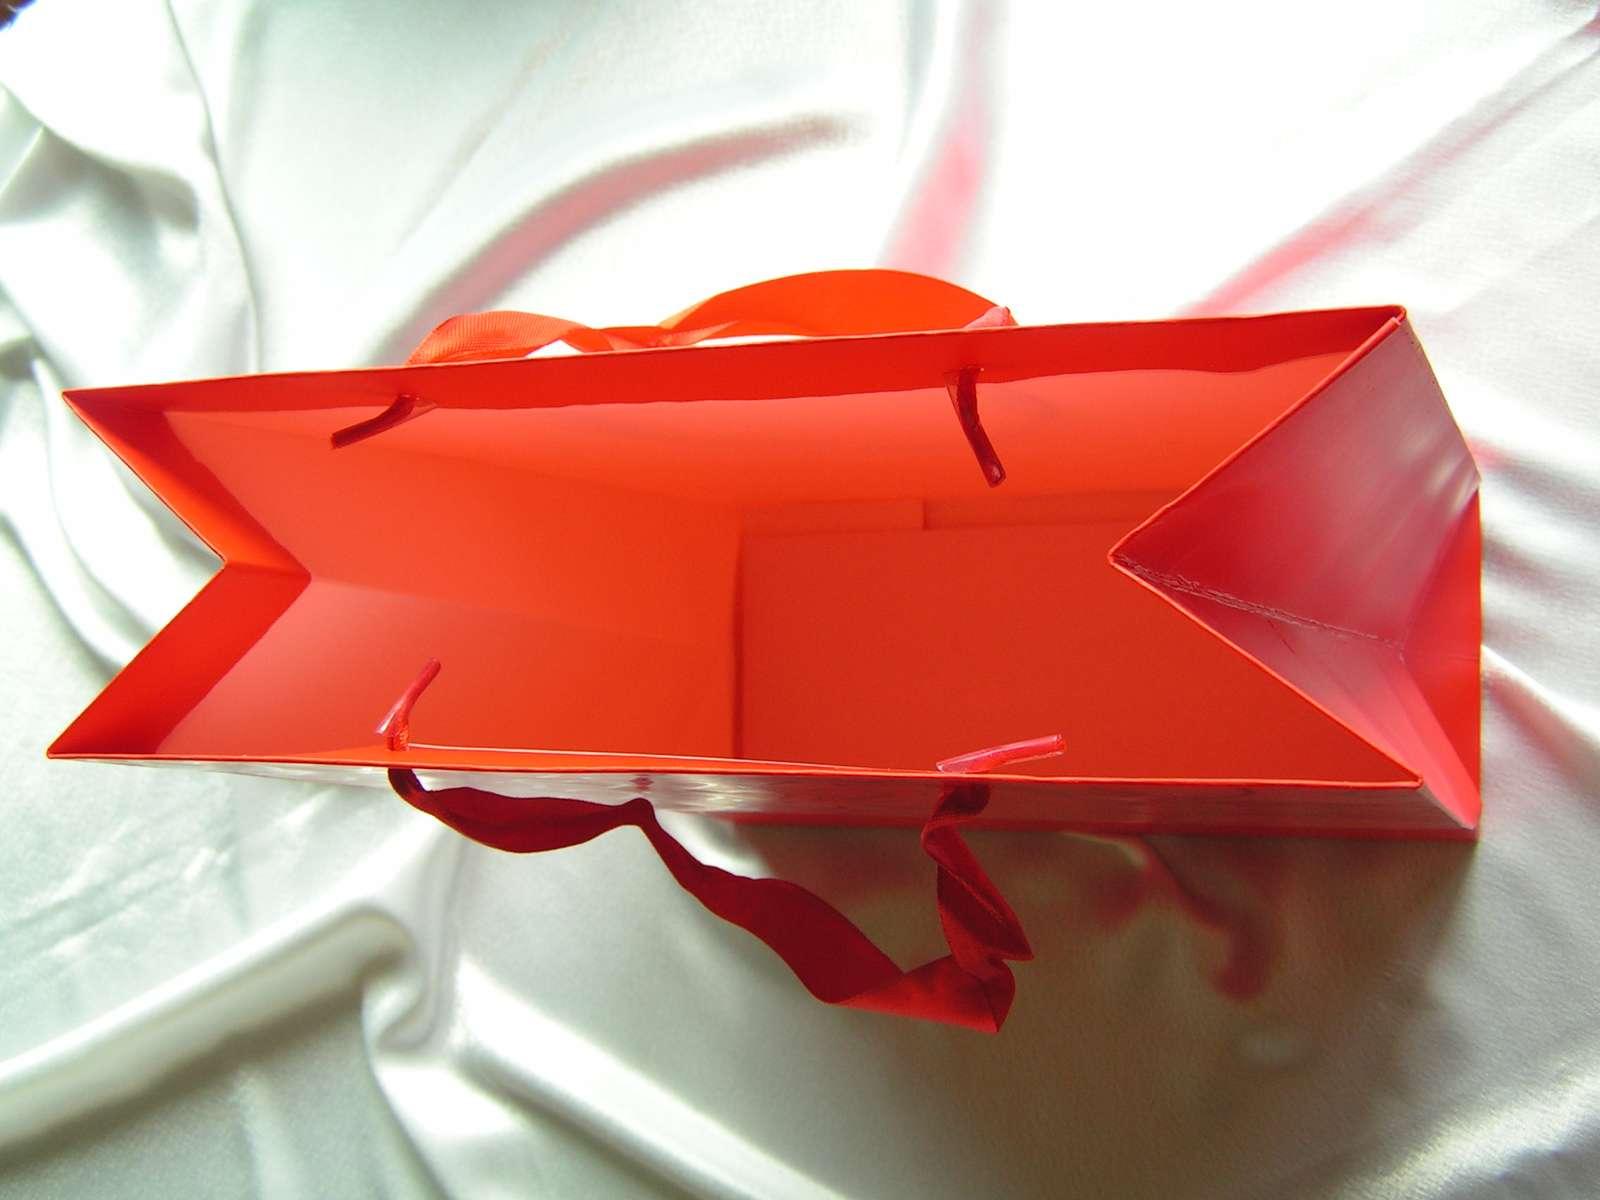 Velká dárková taška - 25 x 32 cm - Obrázek č. 2